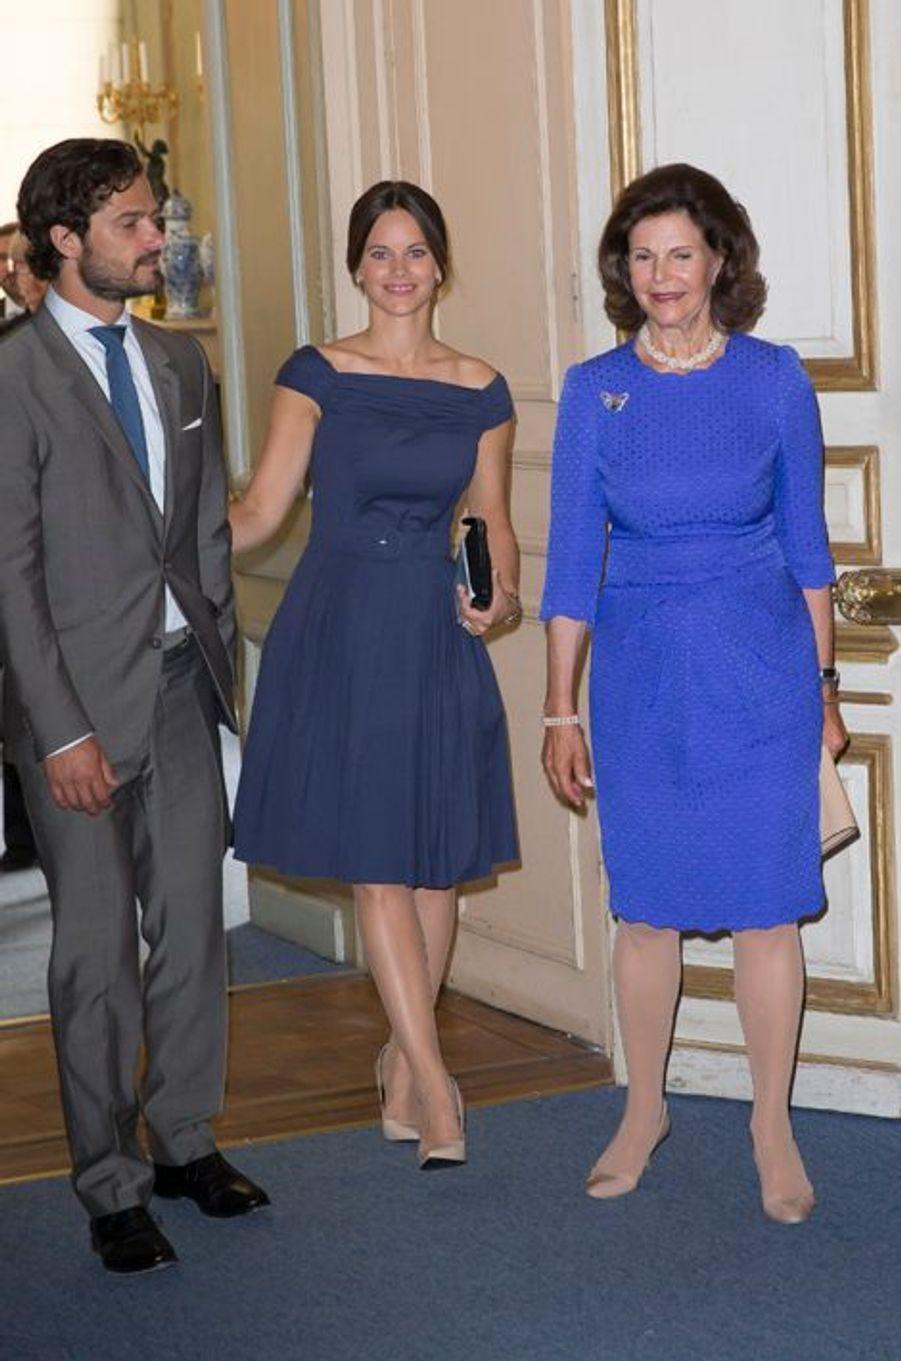 Le prince Carl Philip, la princesse Sofia et la reine Silvia de Suède à Stockholm, le 29 août 2015